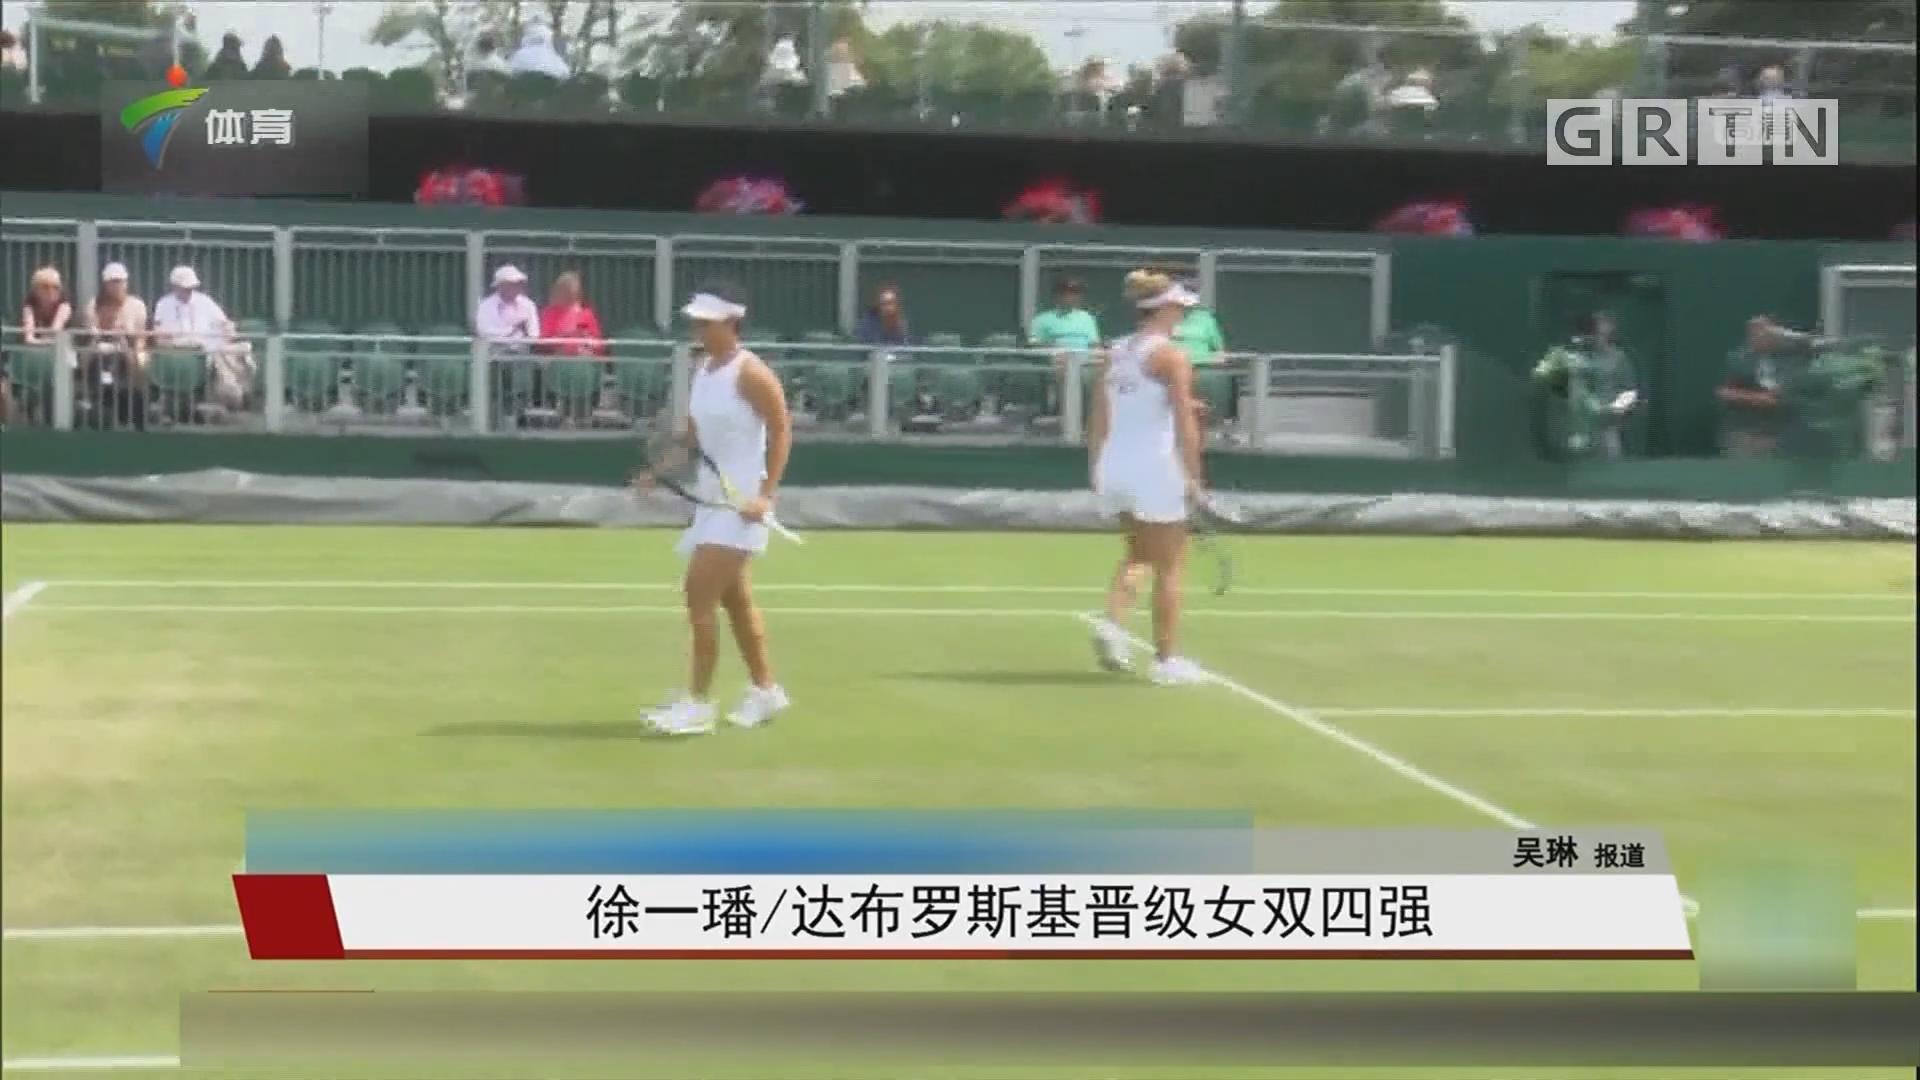 徐一璠/达布罗斯基晋级女双四强